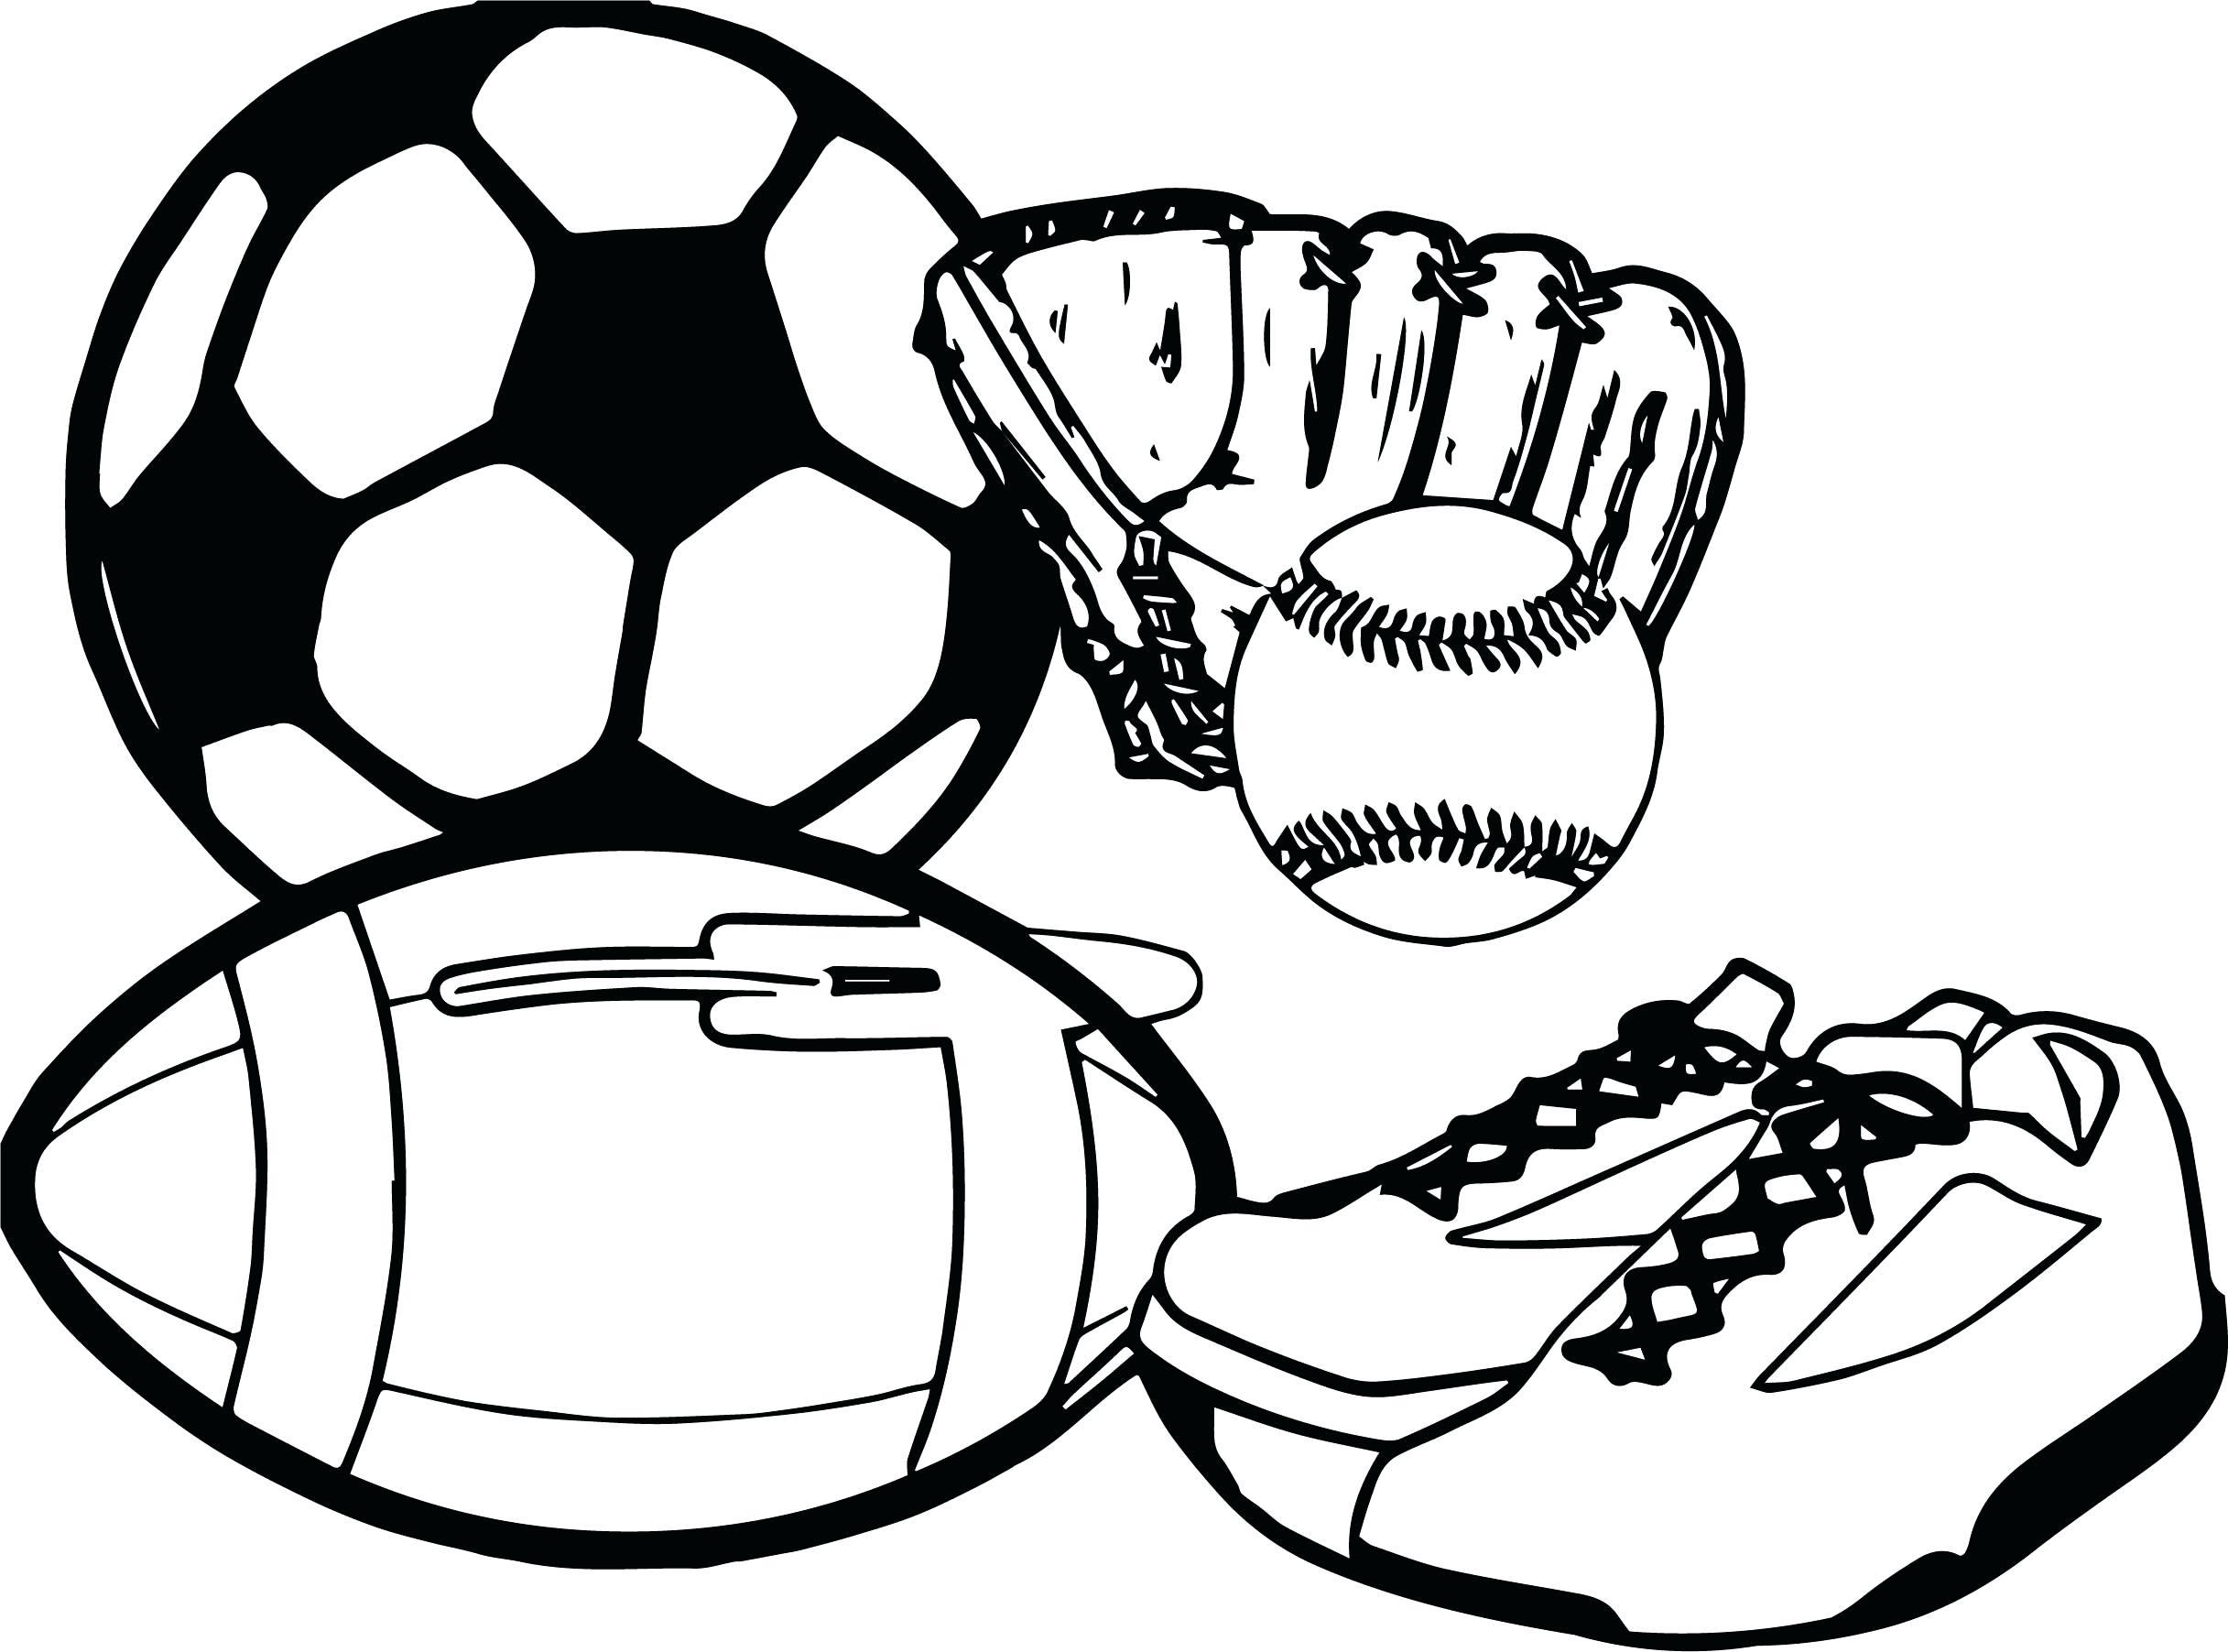 Sports Balls Drawing At Getdrawings